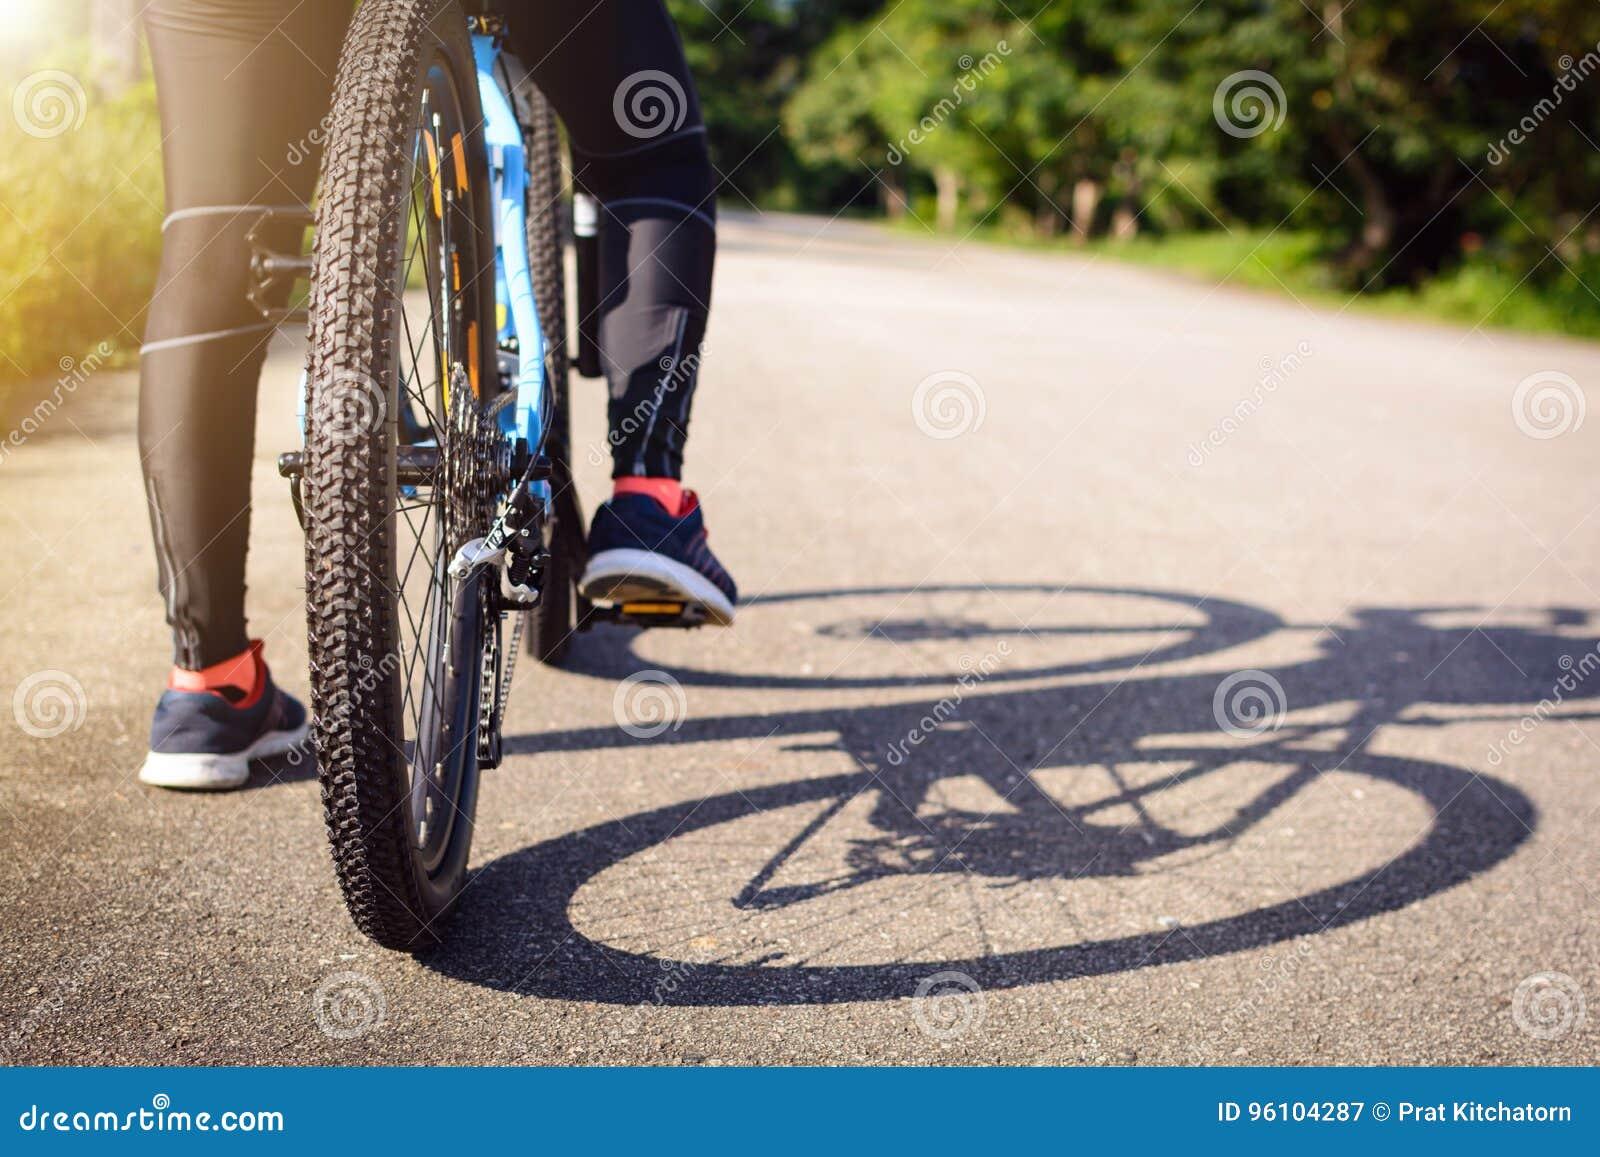 Cyclus op de straat in de ochtend